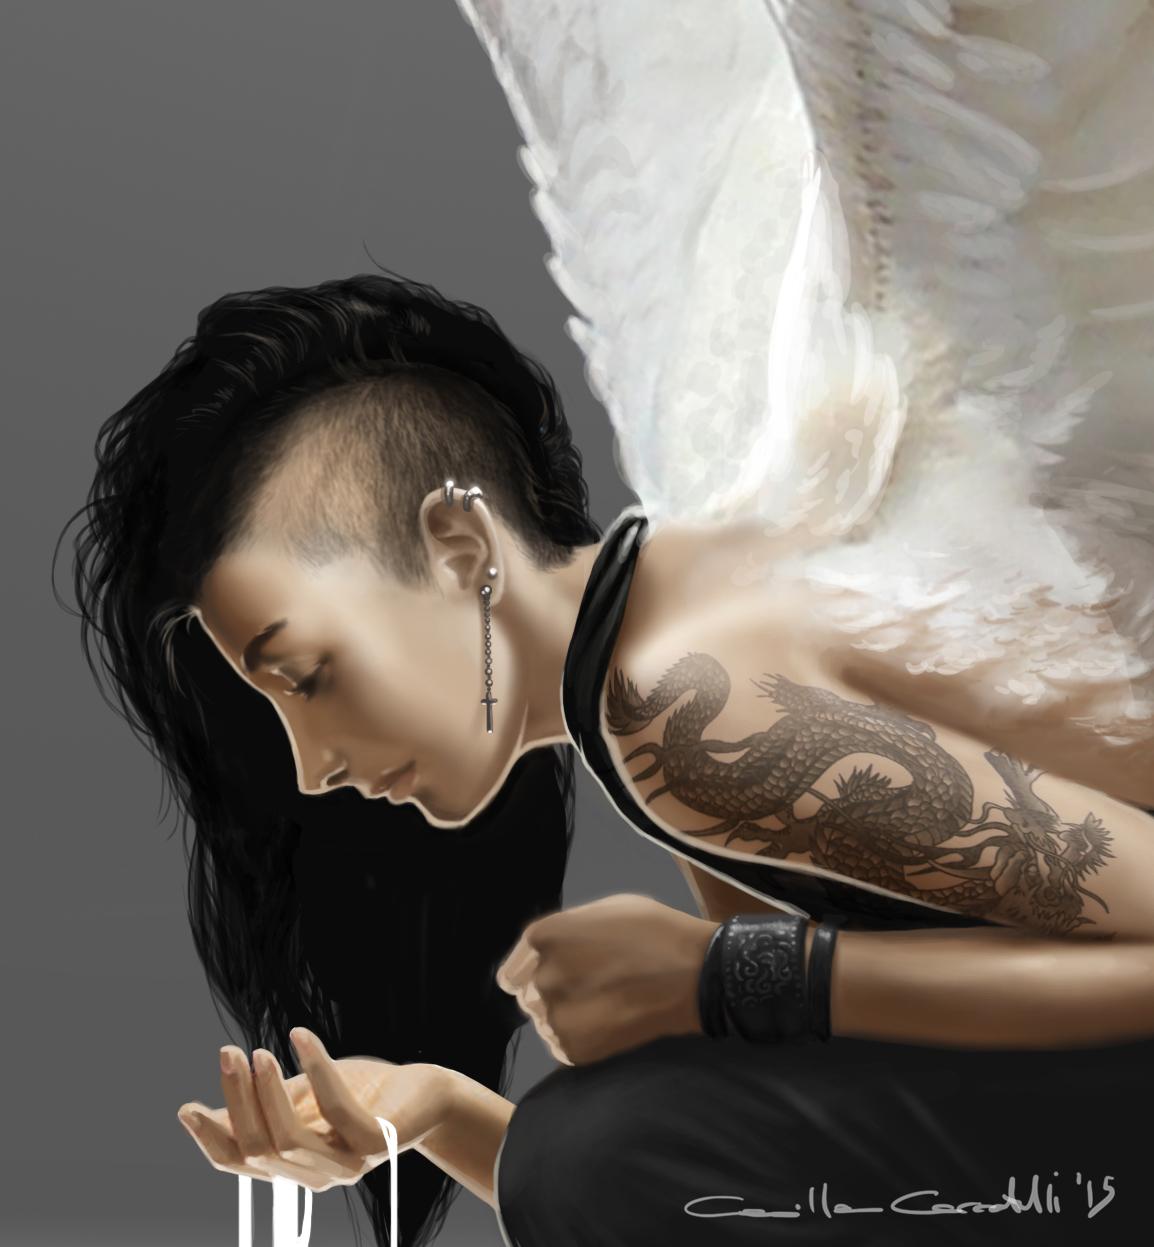 Illustrazione digitale, artwork, per libri e giochi di ruolo, progettazione personaggi fantastici - Dark angel